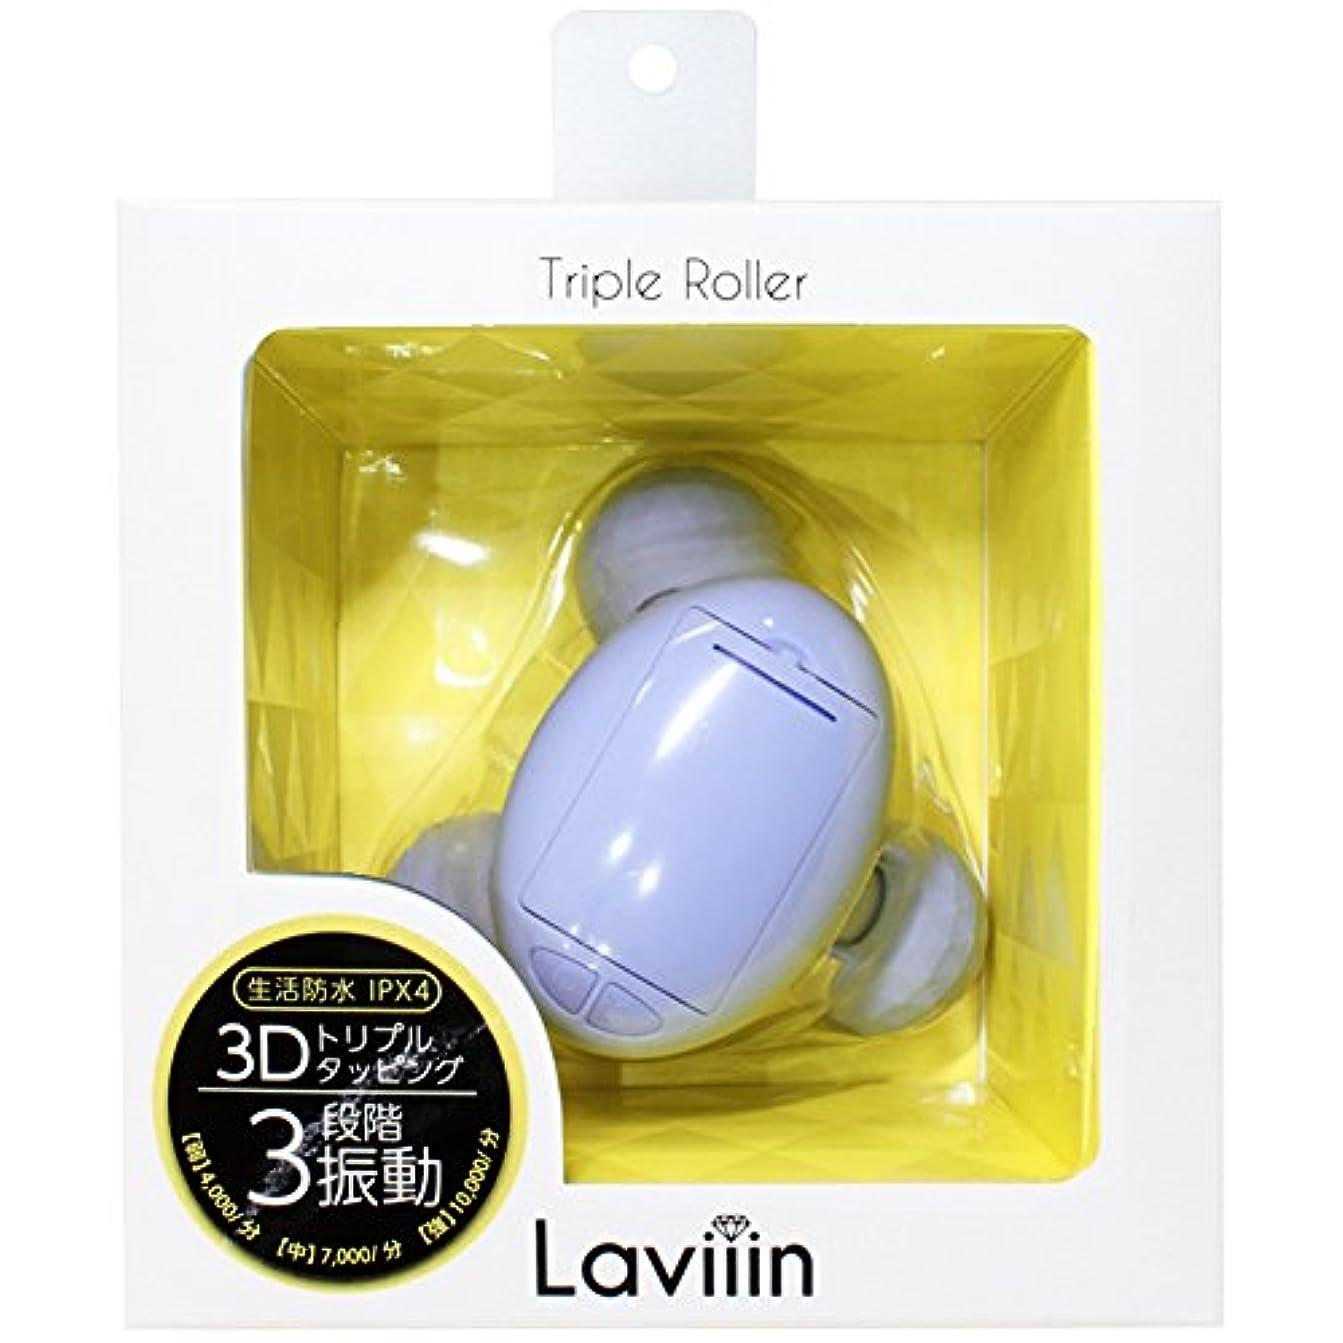 けがをする話検閲Laviiin トリプルローラー TR03 (ミルキーラベンダー)